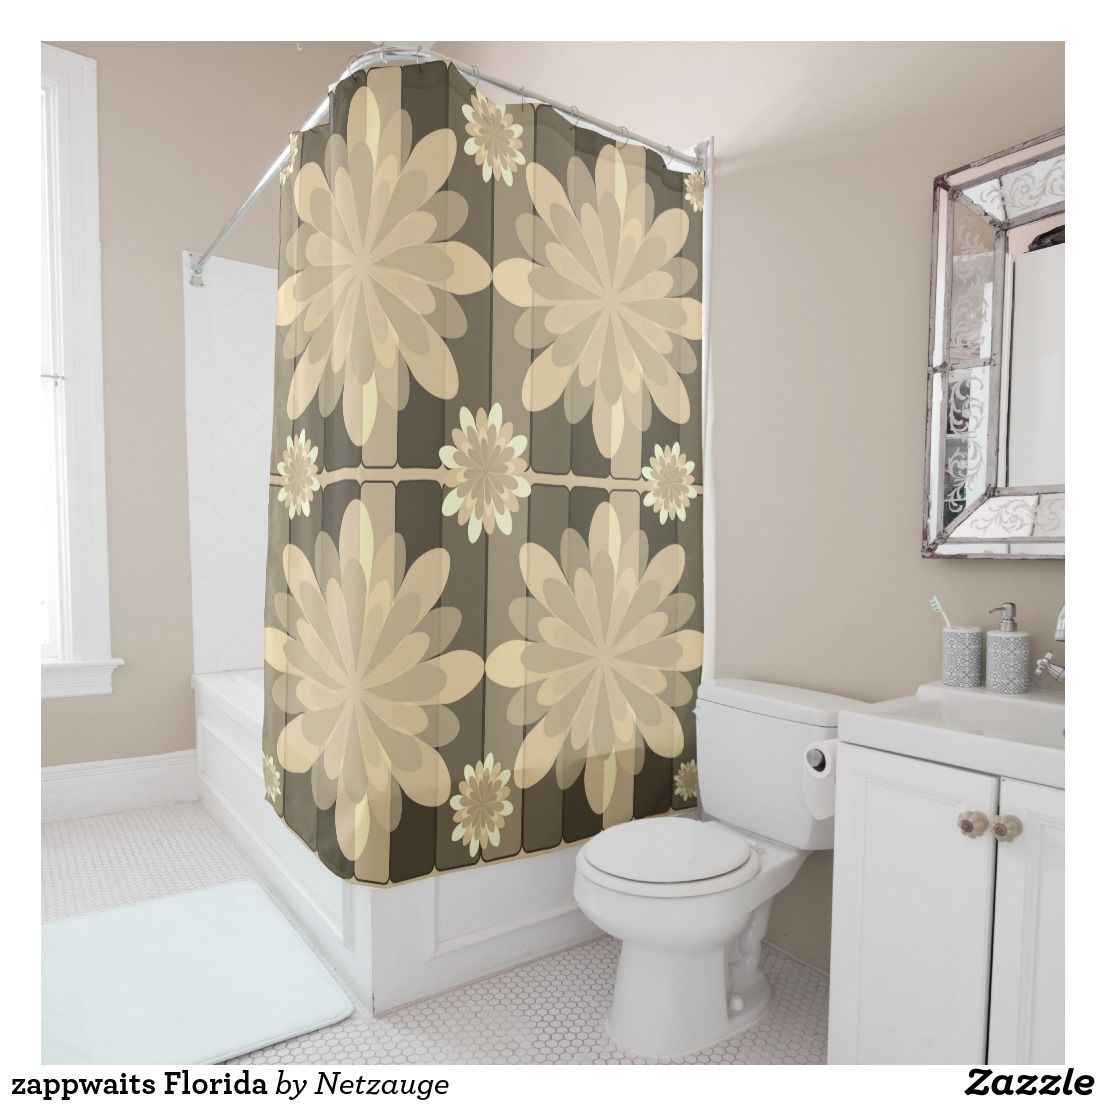 Zappwaits Florida Shower Curtain